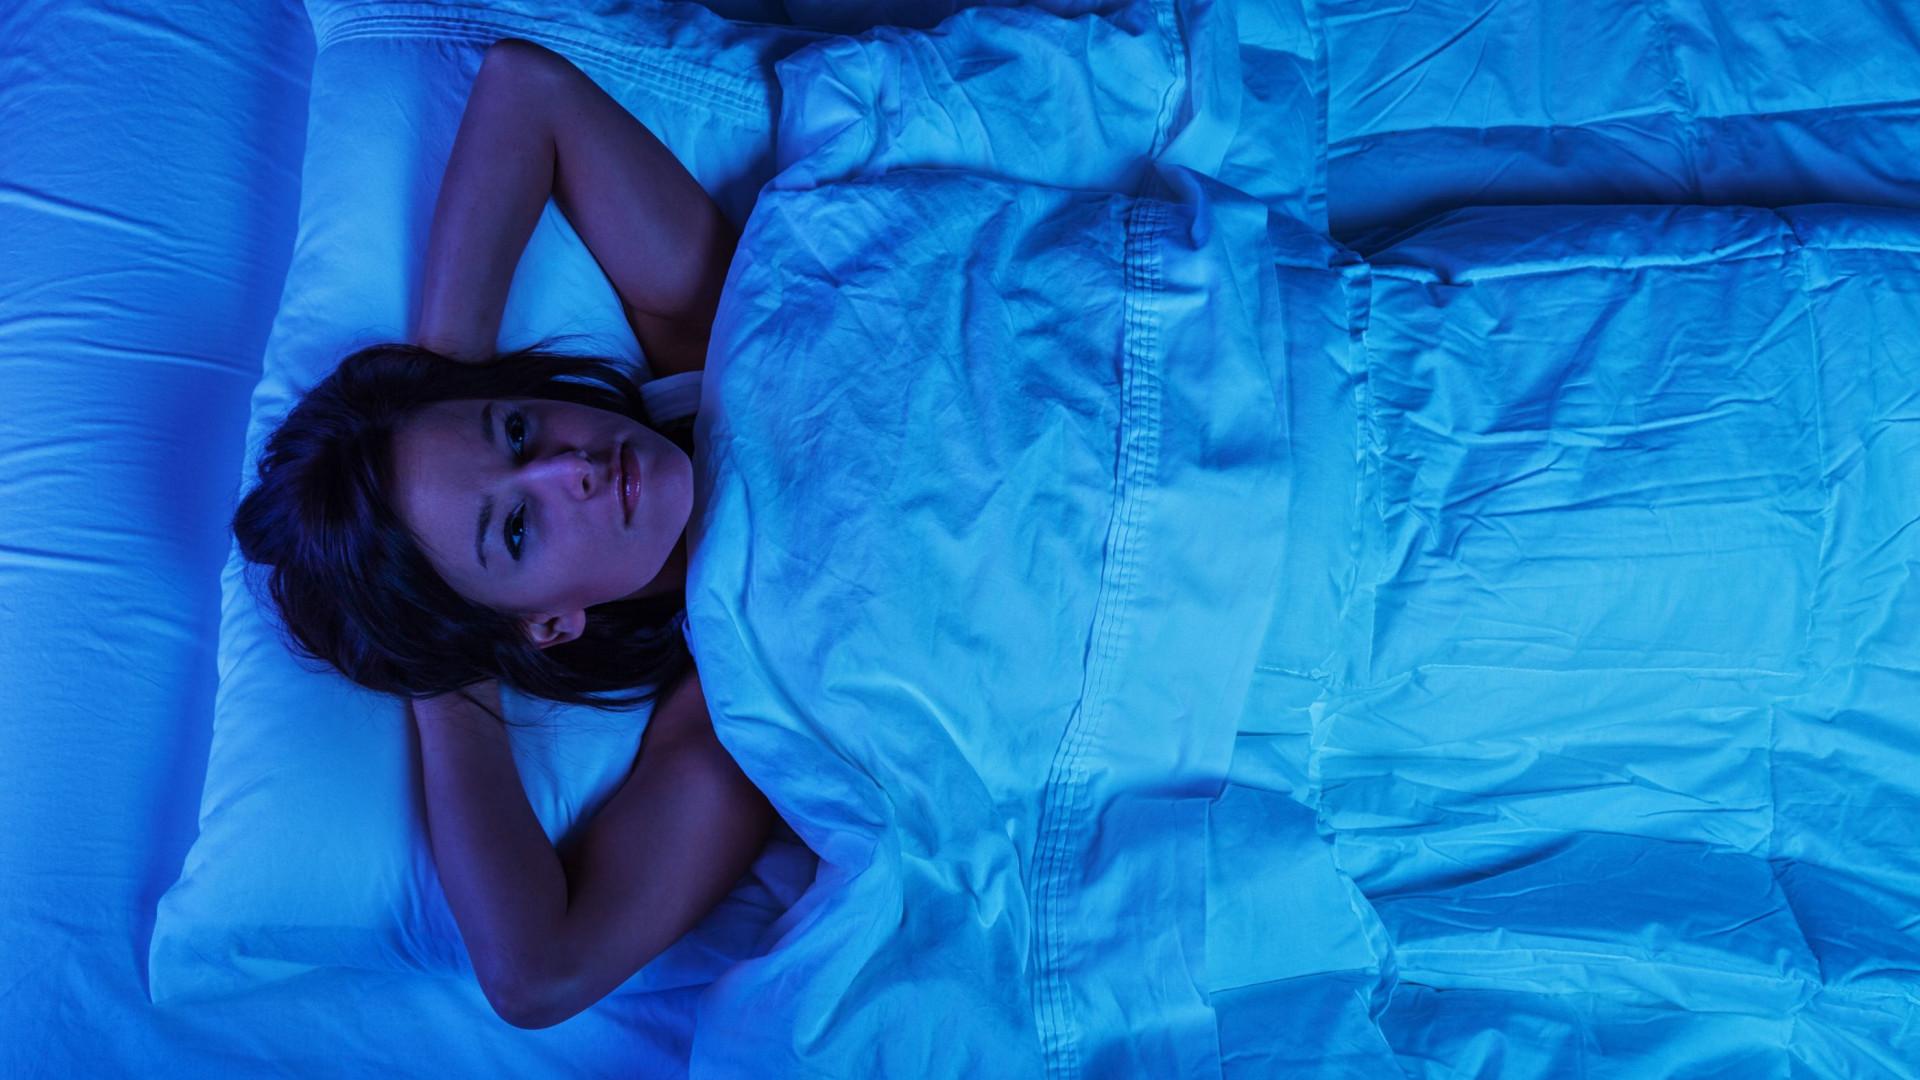 """""""Leprosos sociais"""". Dormir pouco torna-o menos atrativo e acessível"""